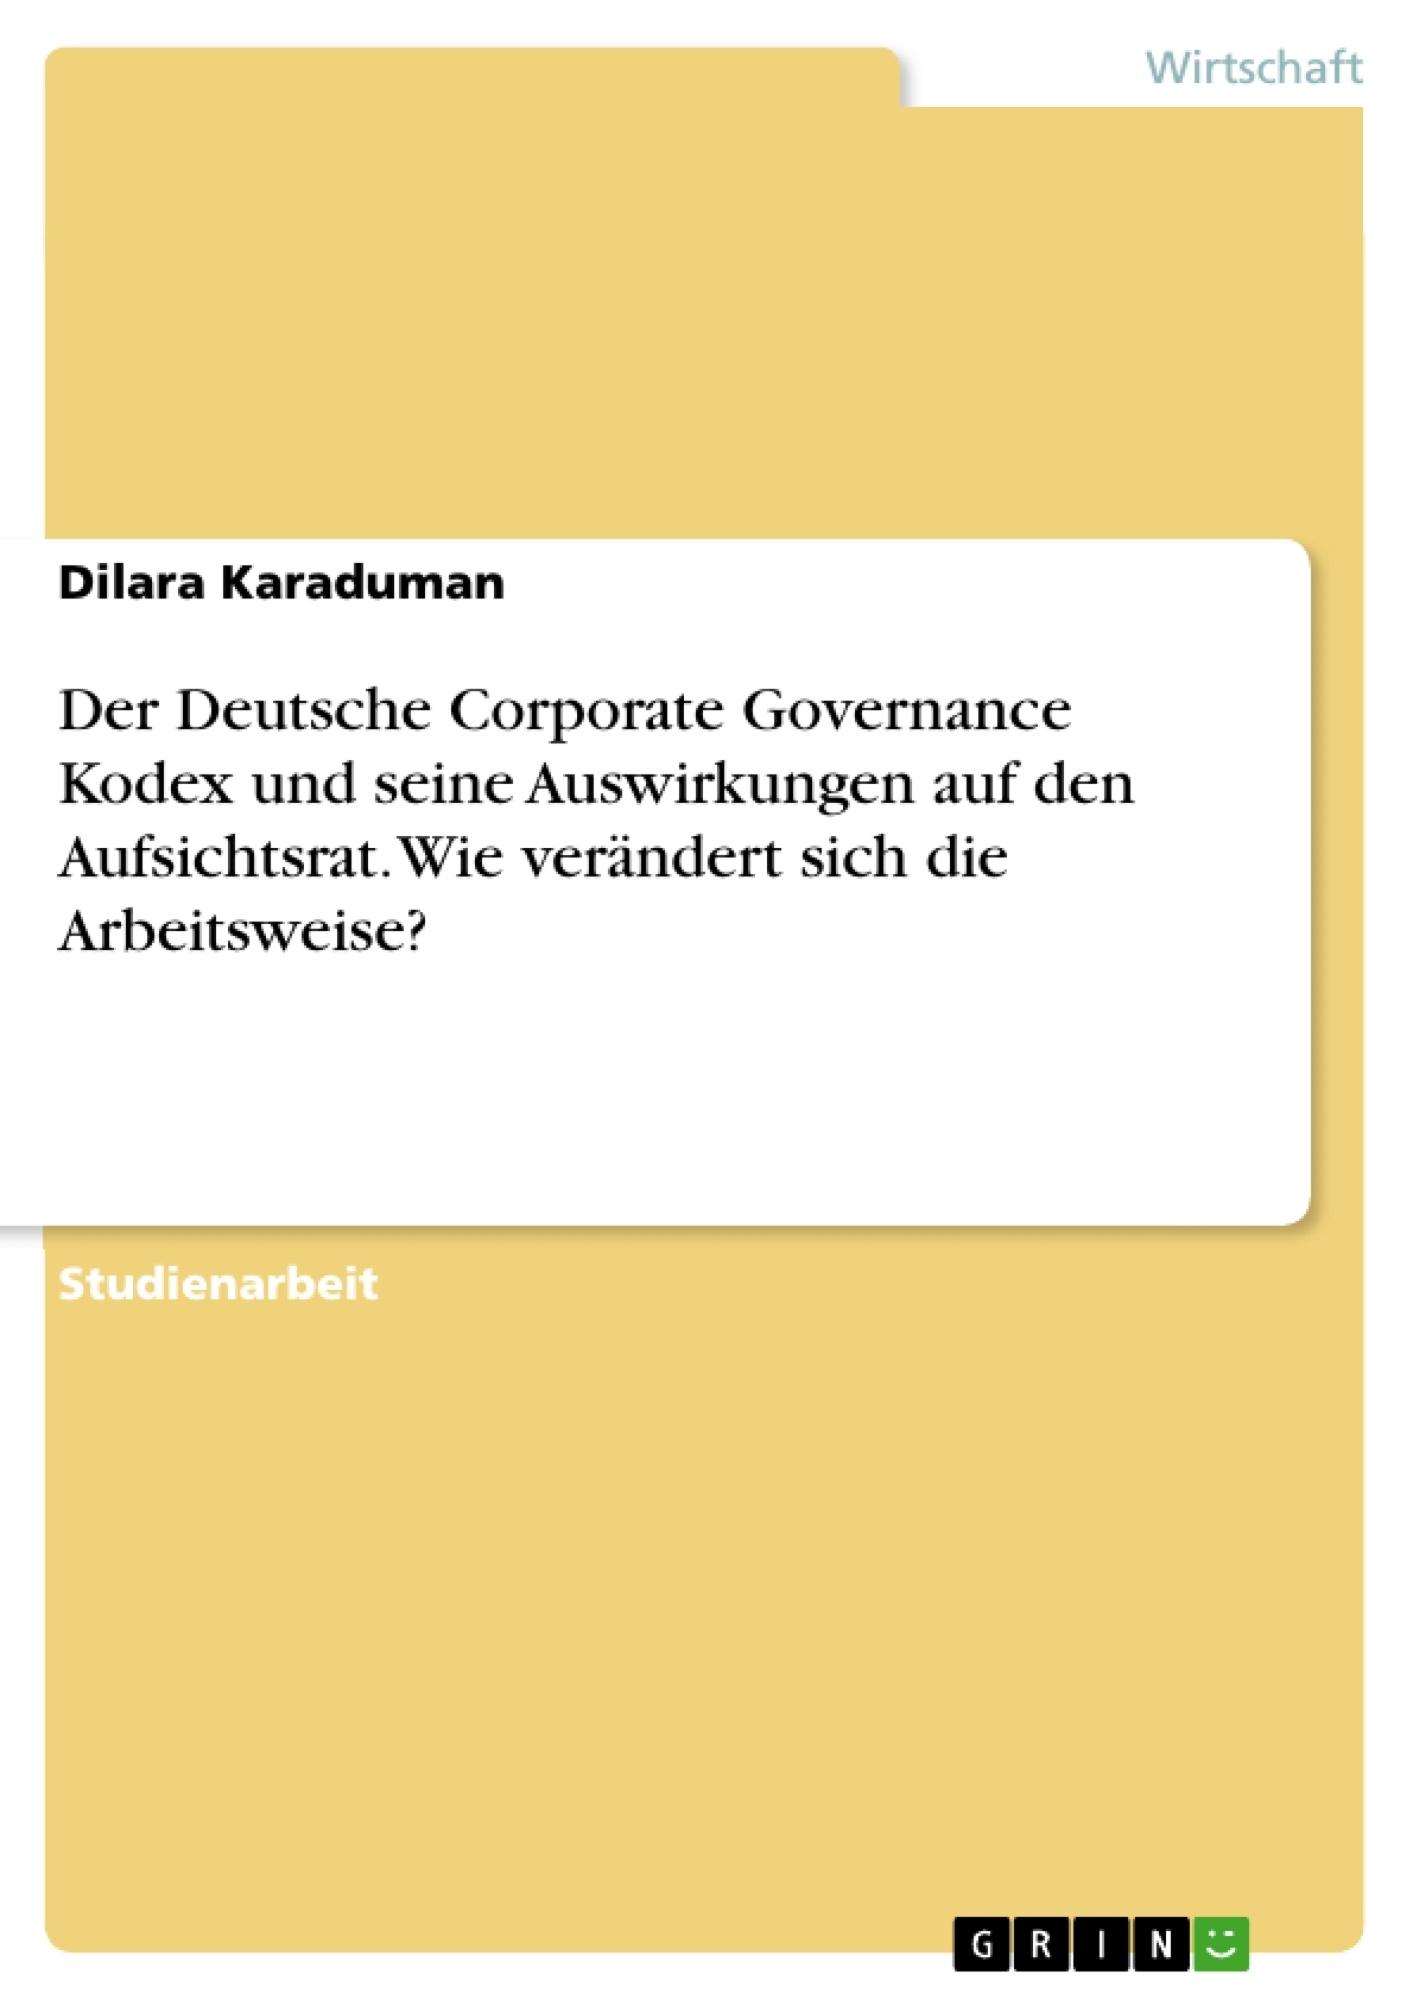 Titel: Der Deutsche Corporate Governance Kodex und seine Auswirkungen auf den Aufsichtsrat. Wie verändert sich die Arbeitsweise?